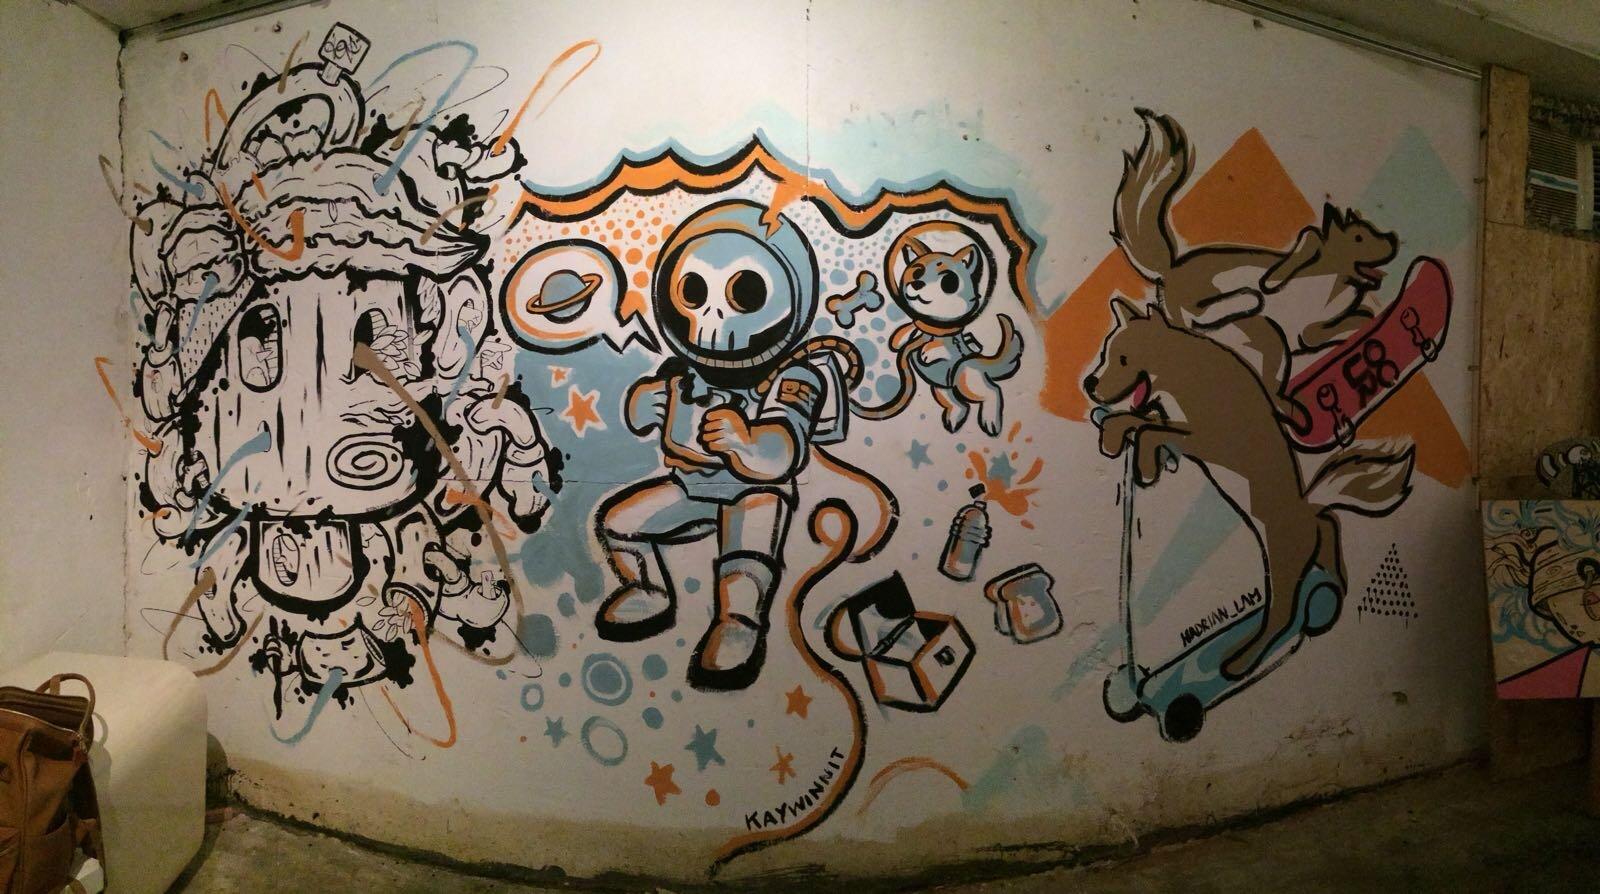 Mural_DreamLikeBubbles6.jpeg